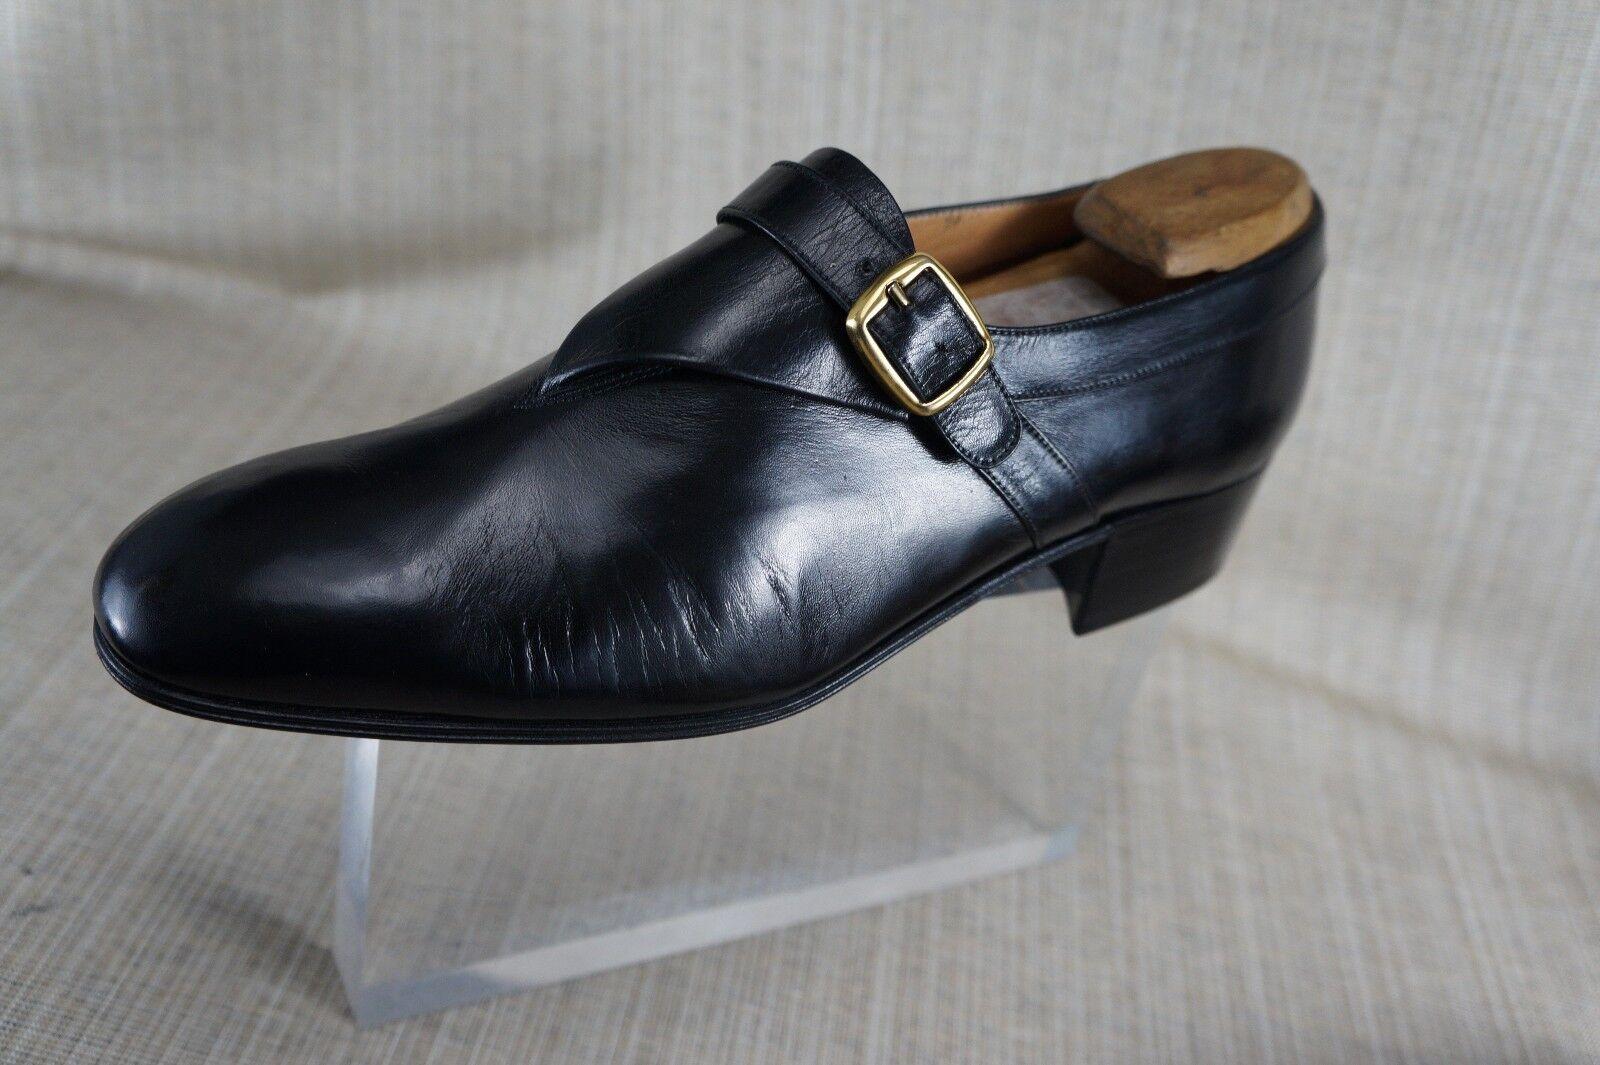 Nuovi uomini, la Mano di David  ha fatto Italia nero Leather Monk Strap Loafer Slip su 7.5 D.  consegna gratuita